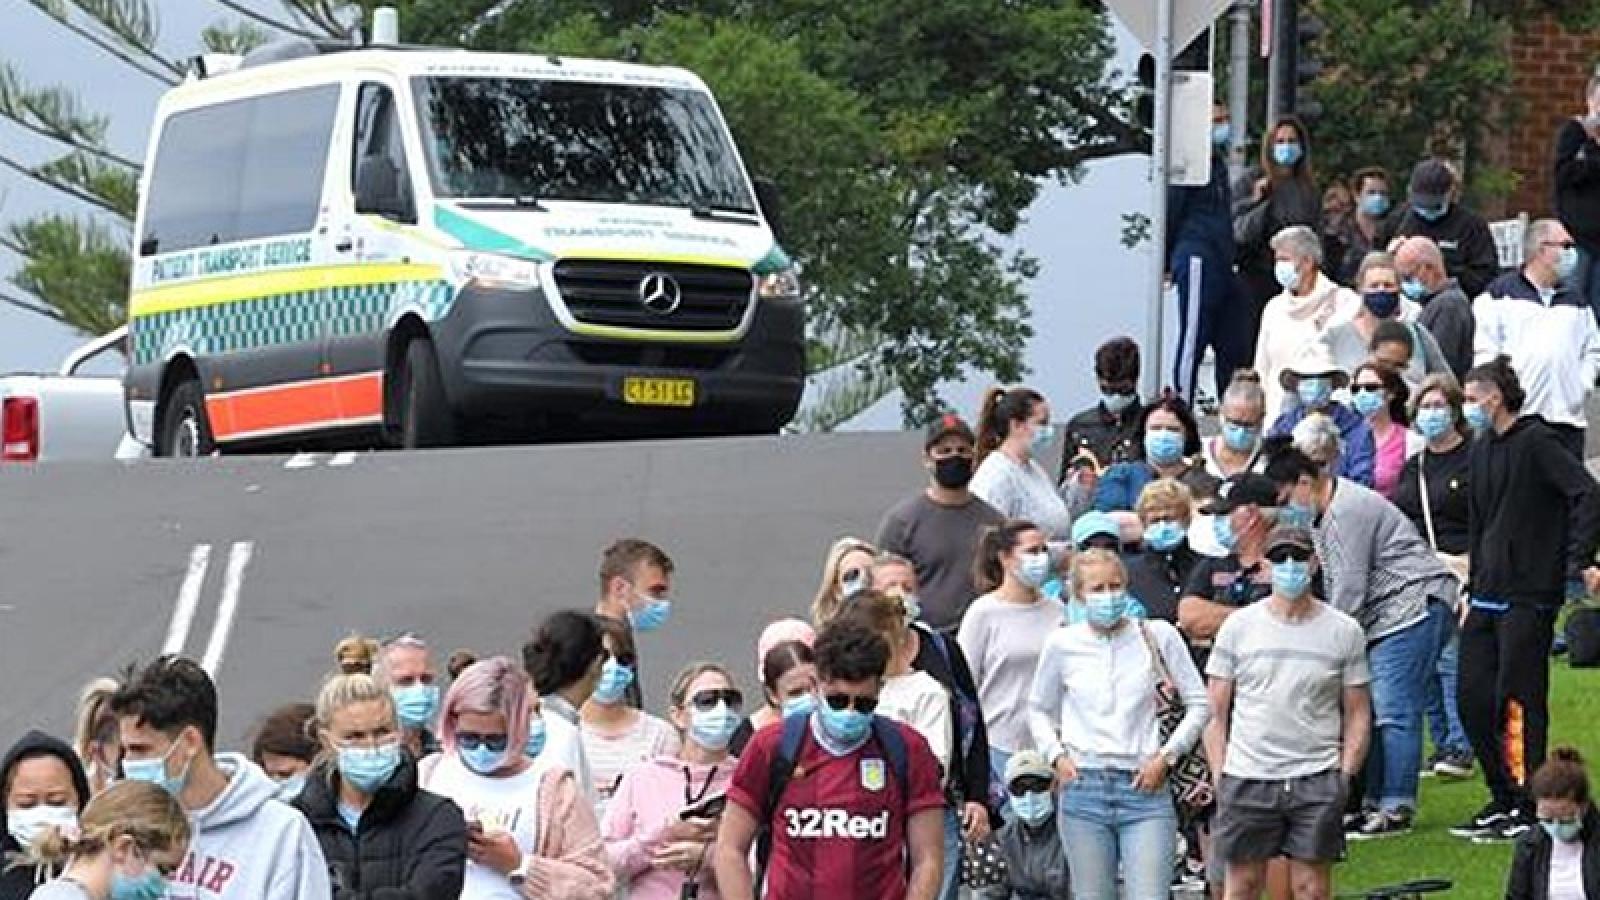 Australia chuẩn bị đón Năm mới trong nguy cơ dịch Covid-19 lây lan rộng